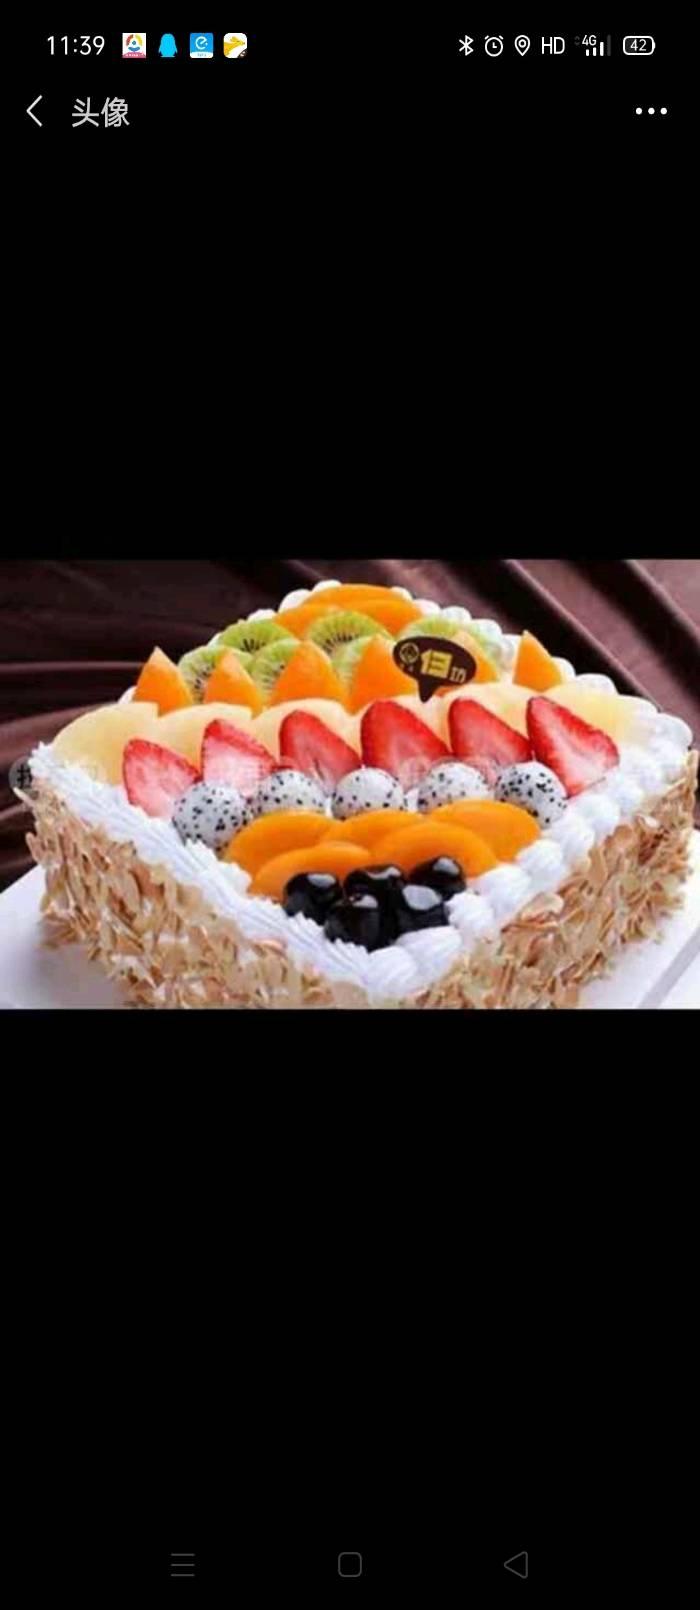 芜湖弋江区麦香园蛋糕坊